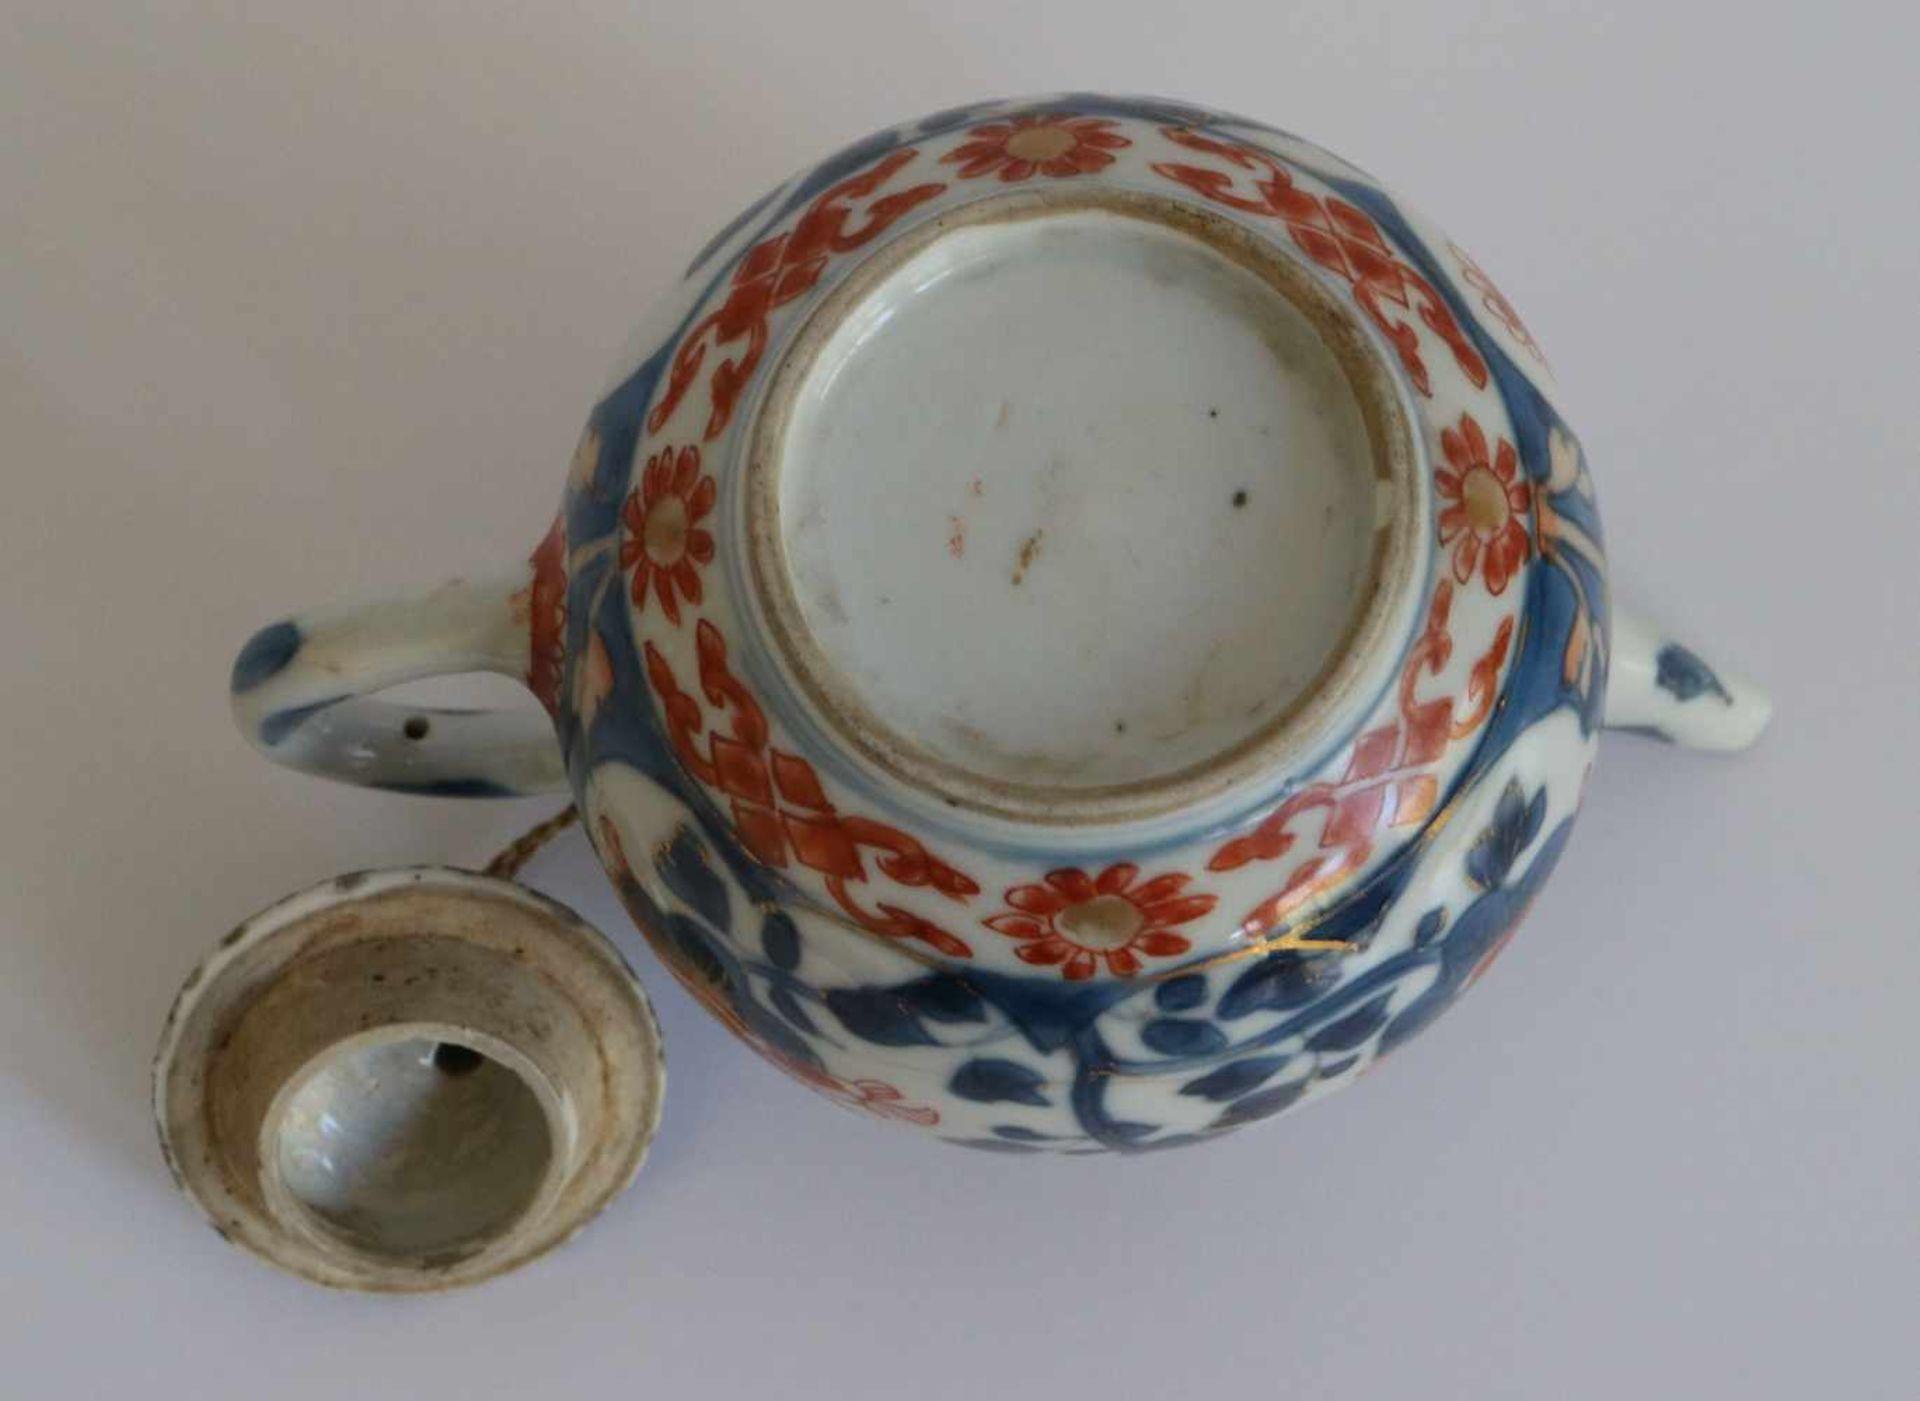 Los 1 - Chinese teapot Imari H 9,5 B 14,5 cm